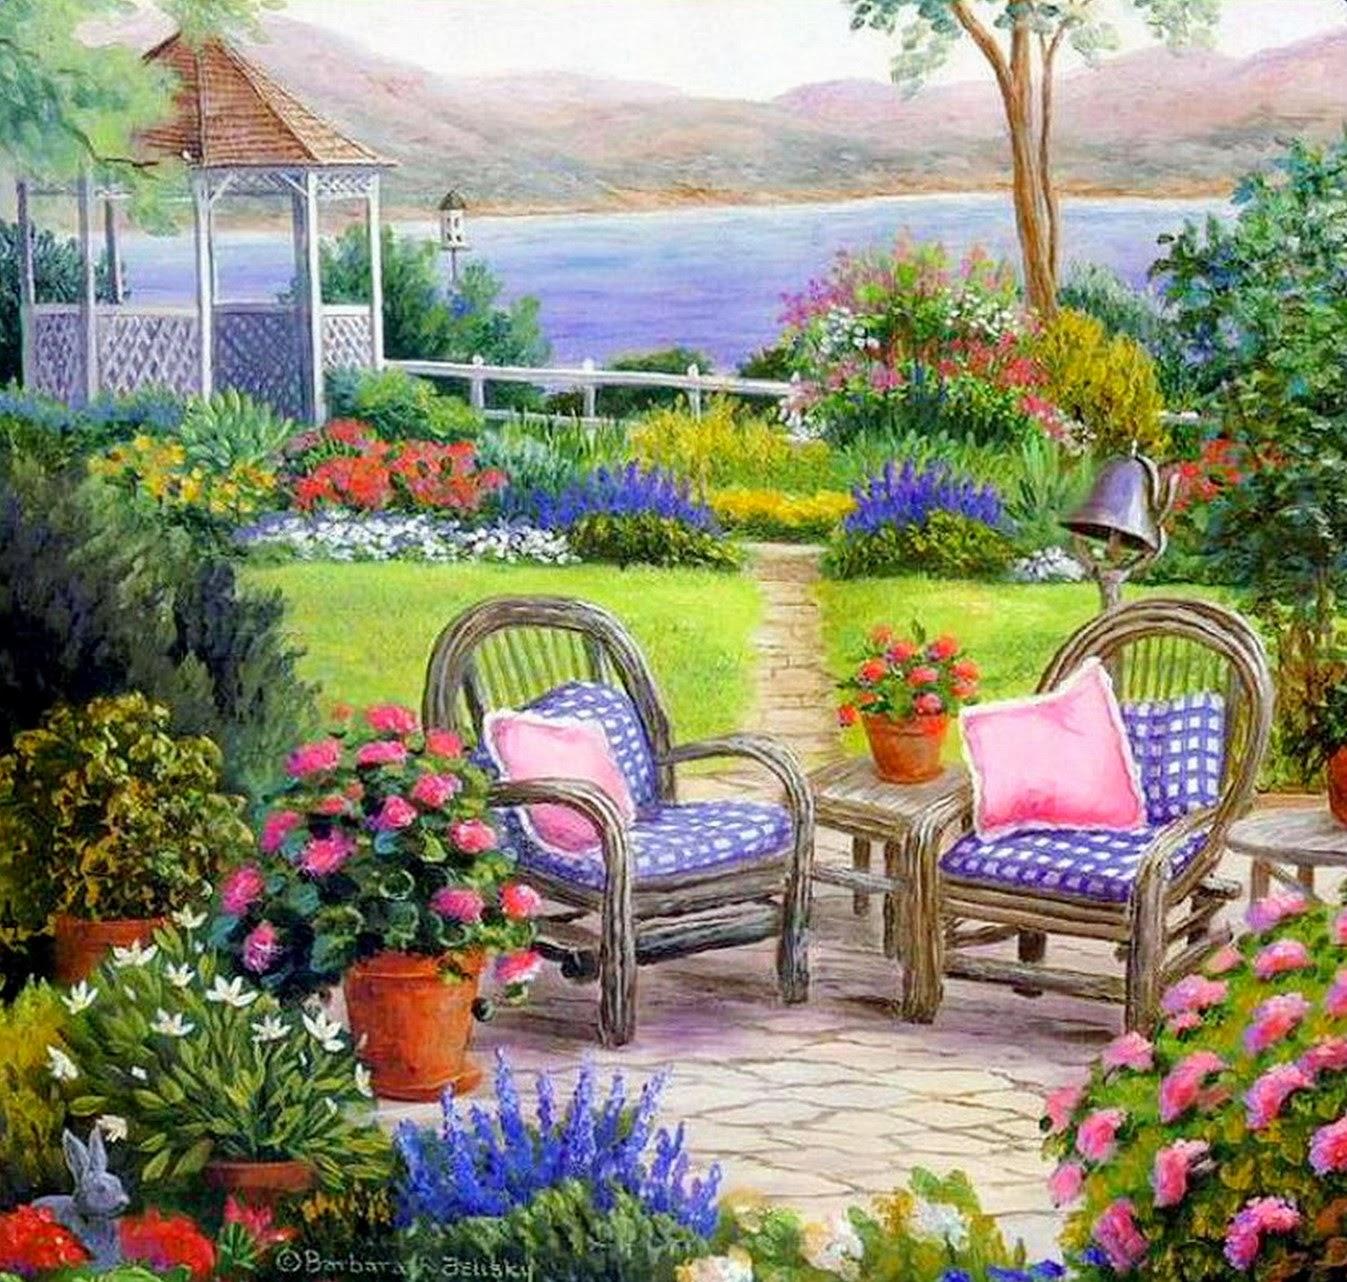 Pintura moderna y fotograf a art stica paisaje con - Paisajes y jardines ...